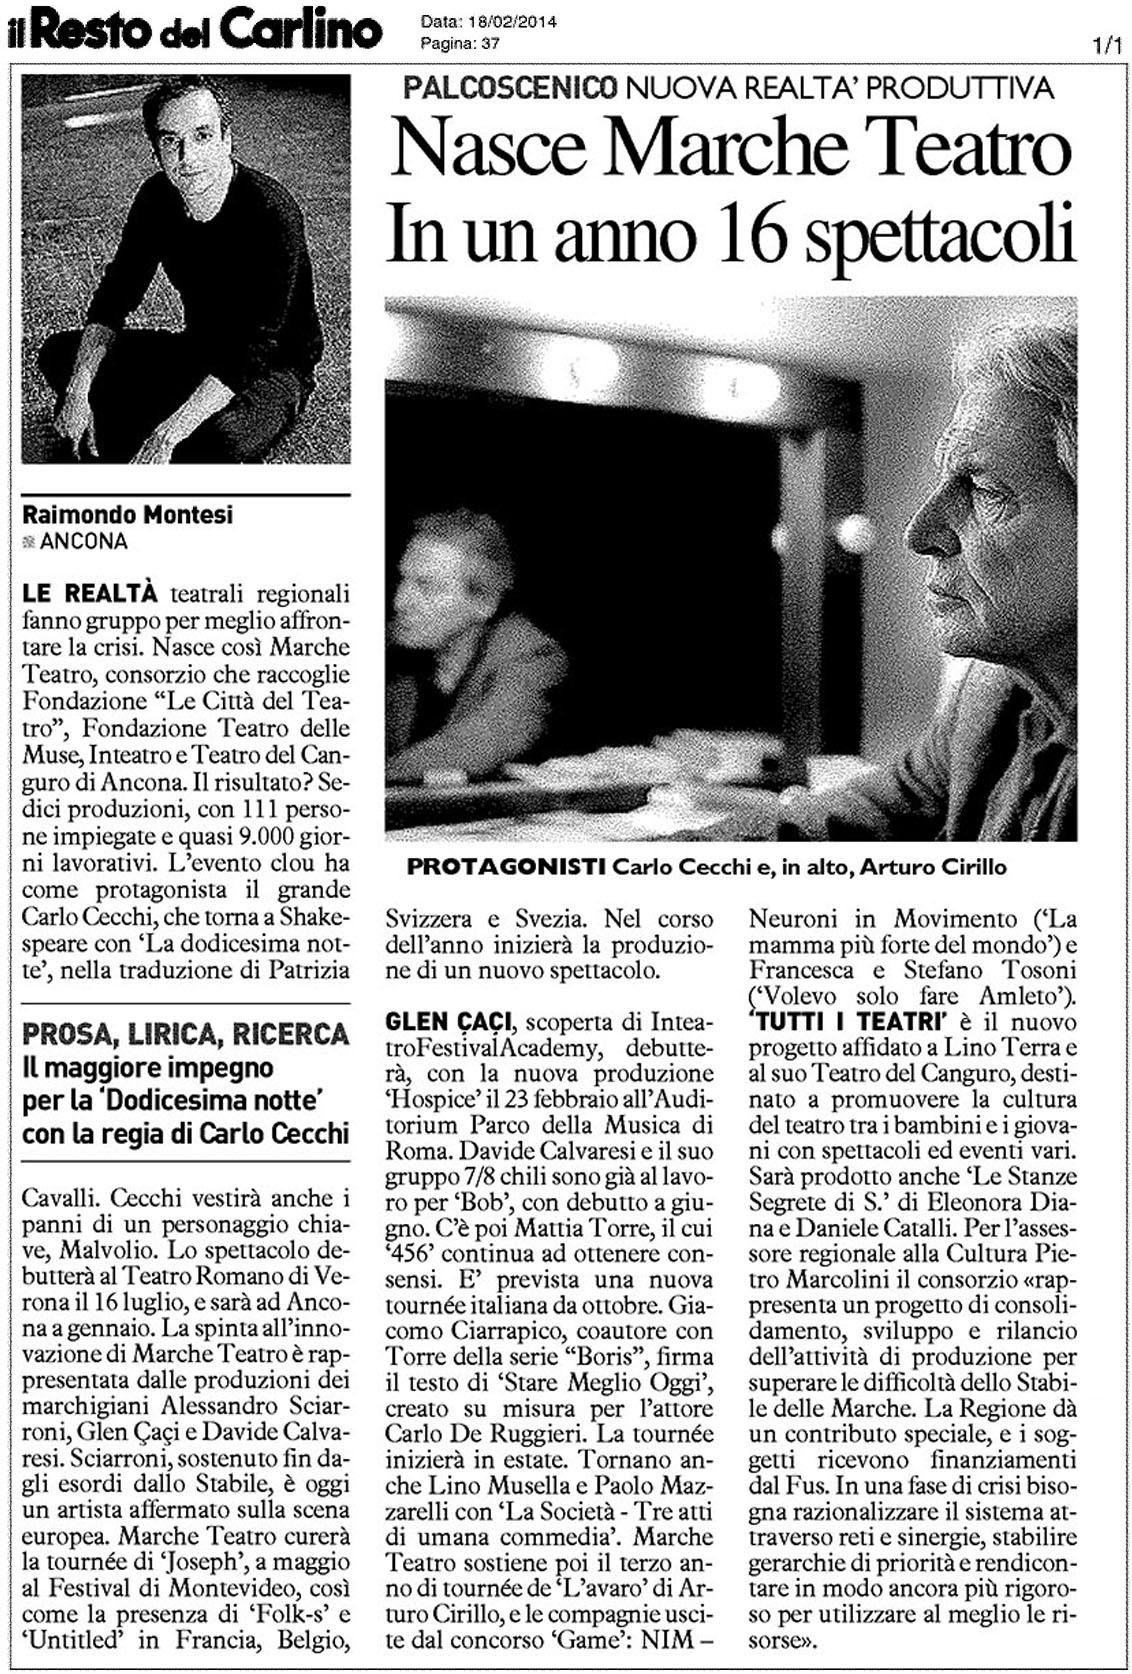 2014.02.18-nasce-marche-teatro-in-un-anno-16-spettacoli-il-resto-del-carlino